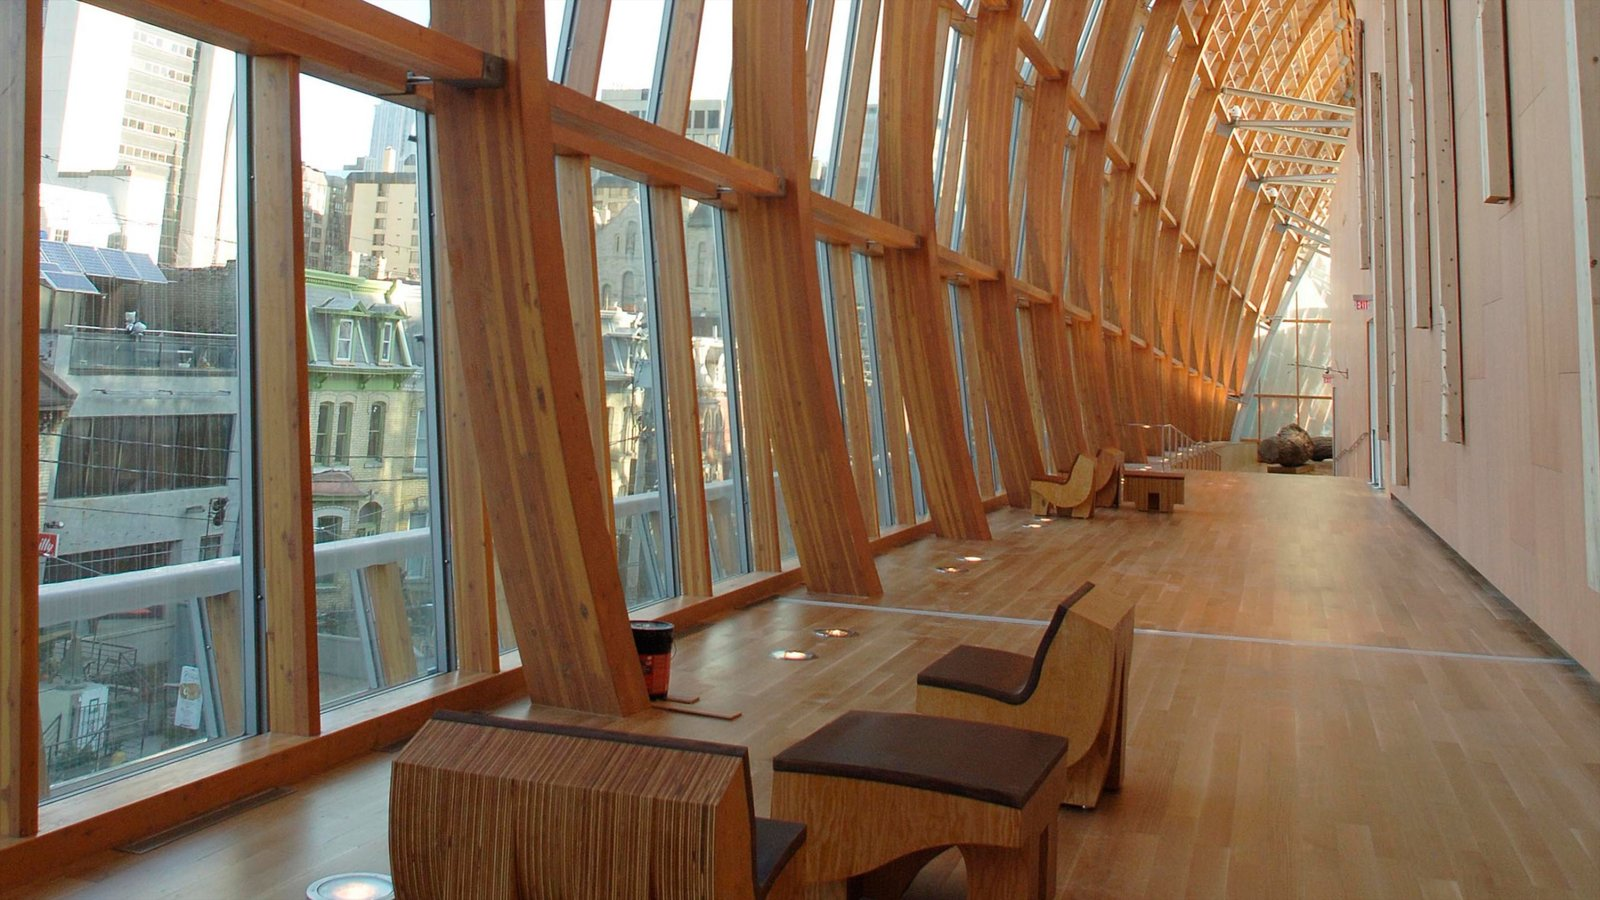 Galeria de Arte de Ontário mostrando vistas internas e arquitetura moderna